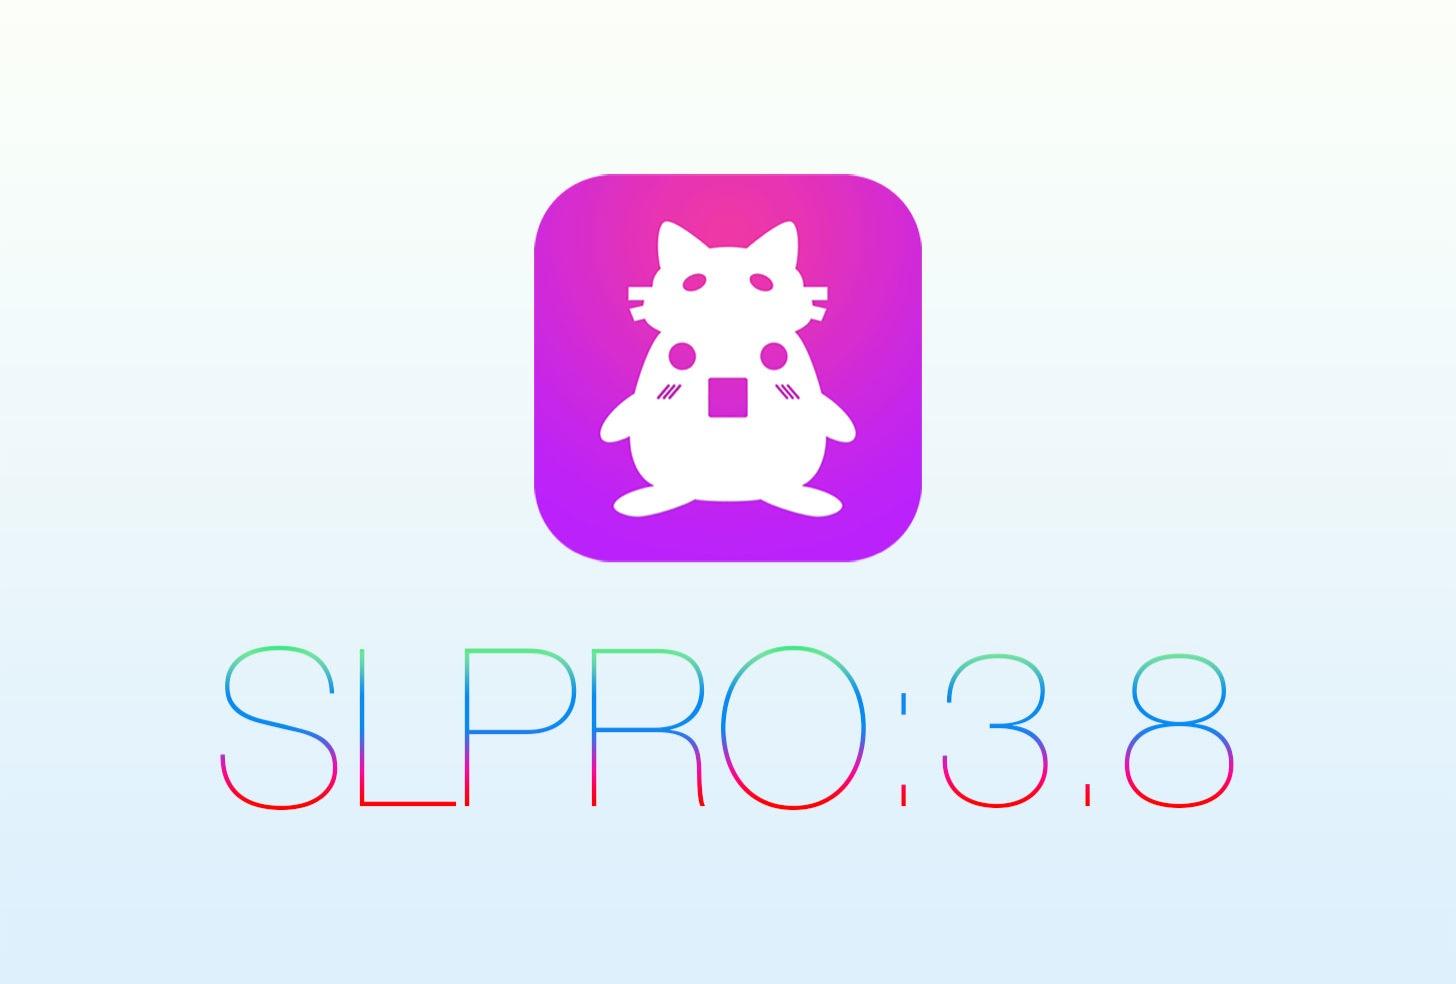 するぷろ for iOS:3.8